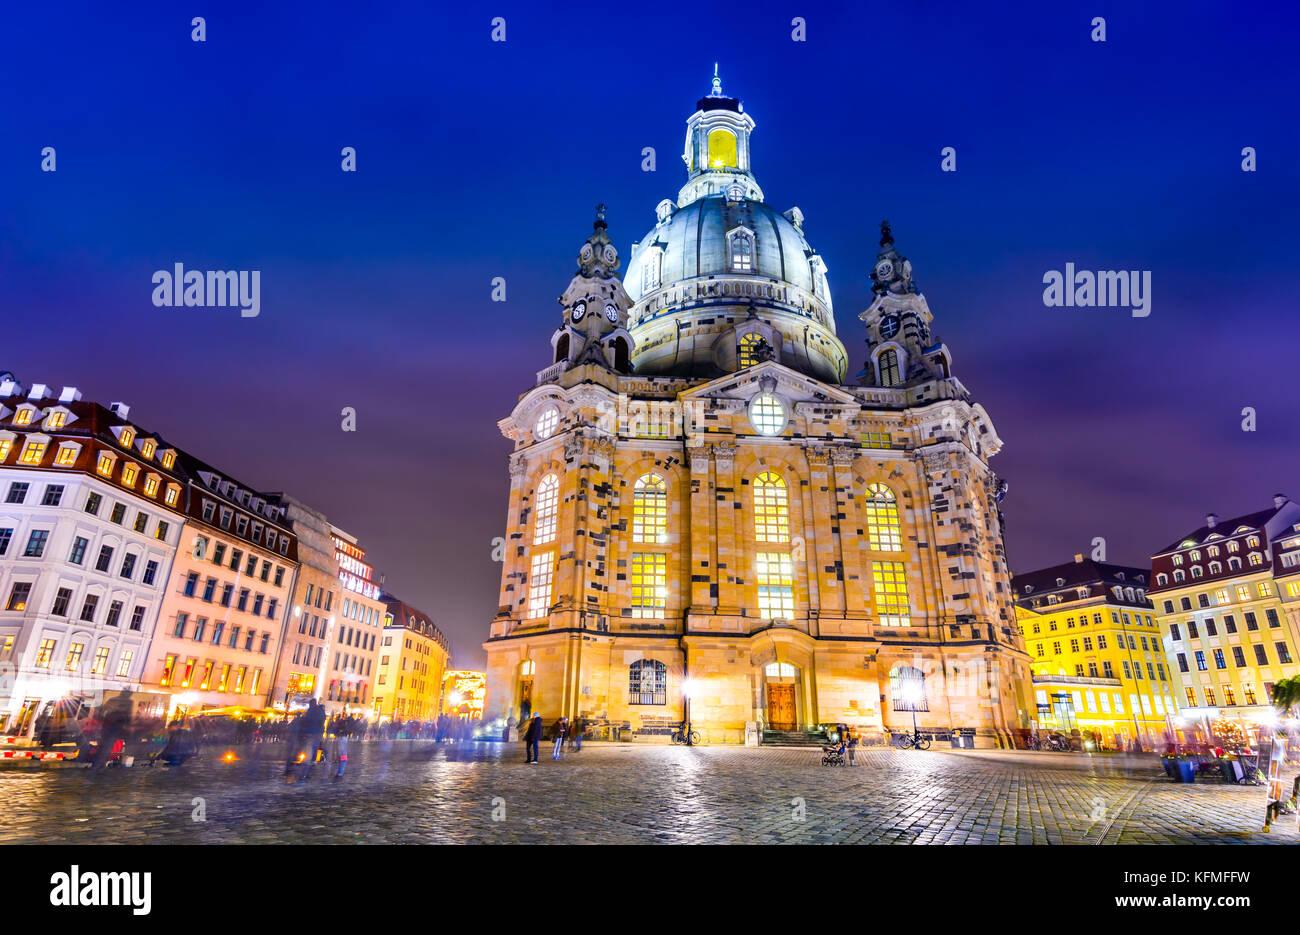 Dresden, Germania. La Frauenkirche, la città di Dresda, centro storico e culturale del Libero Stato di Sassonia Immagini Stock